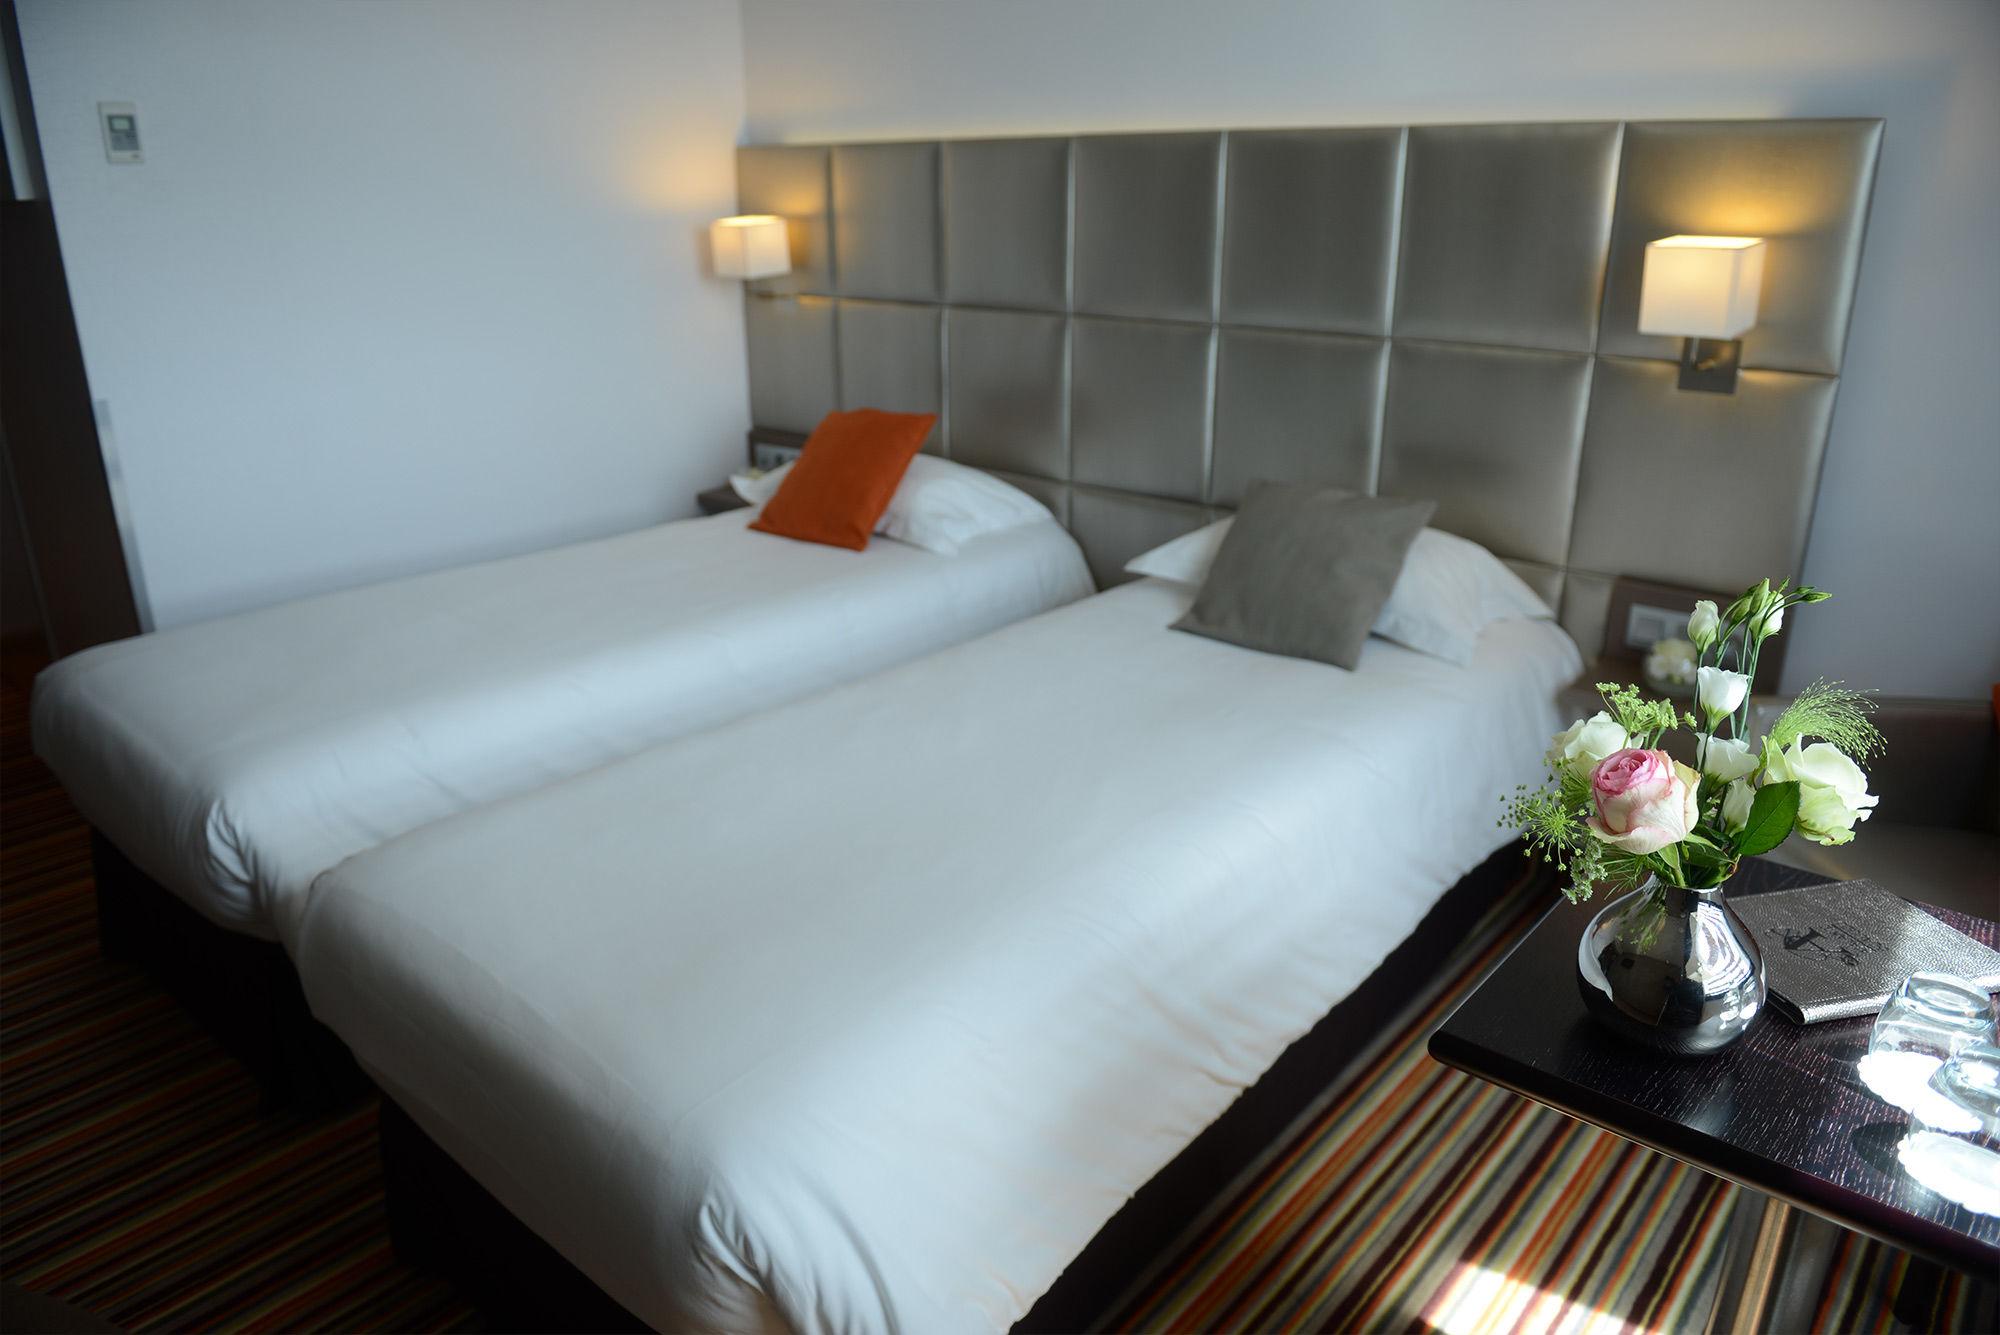 Chambre BRIT HOTEL RENNES CESSON - L'ATALANTE BEAULIEU à CESSON SEVIGNE